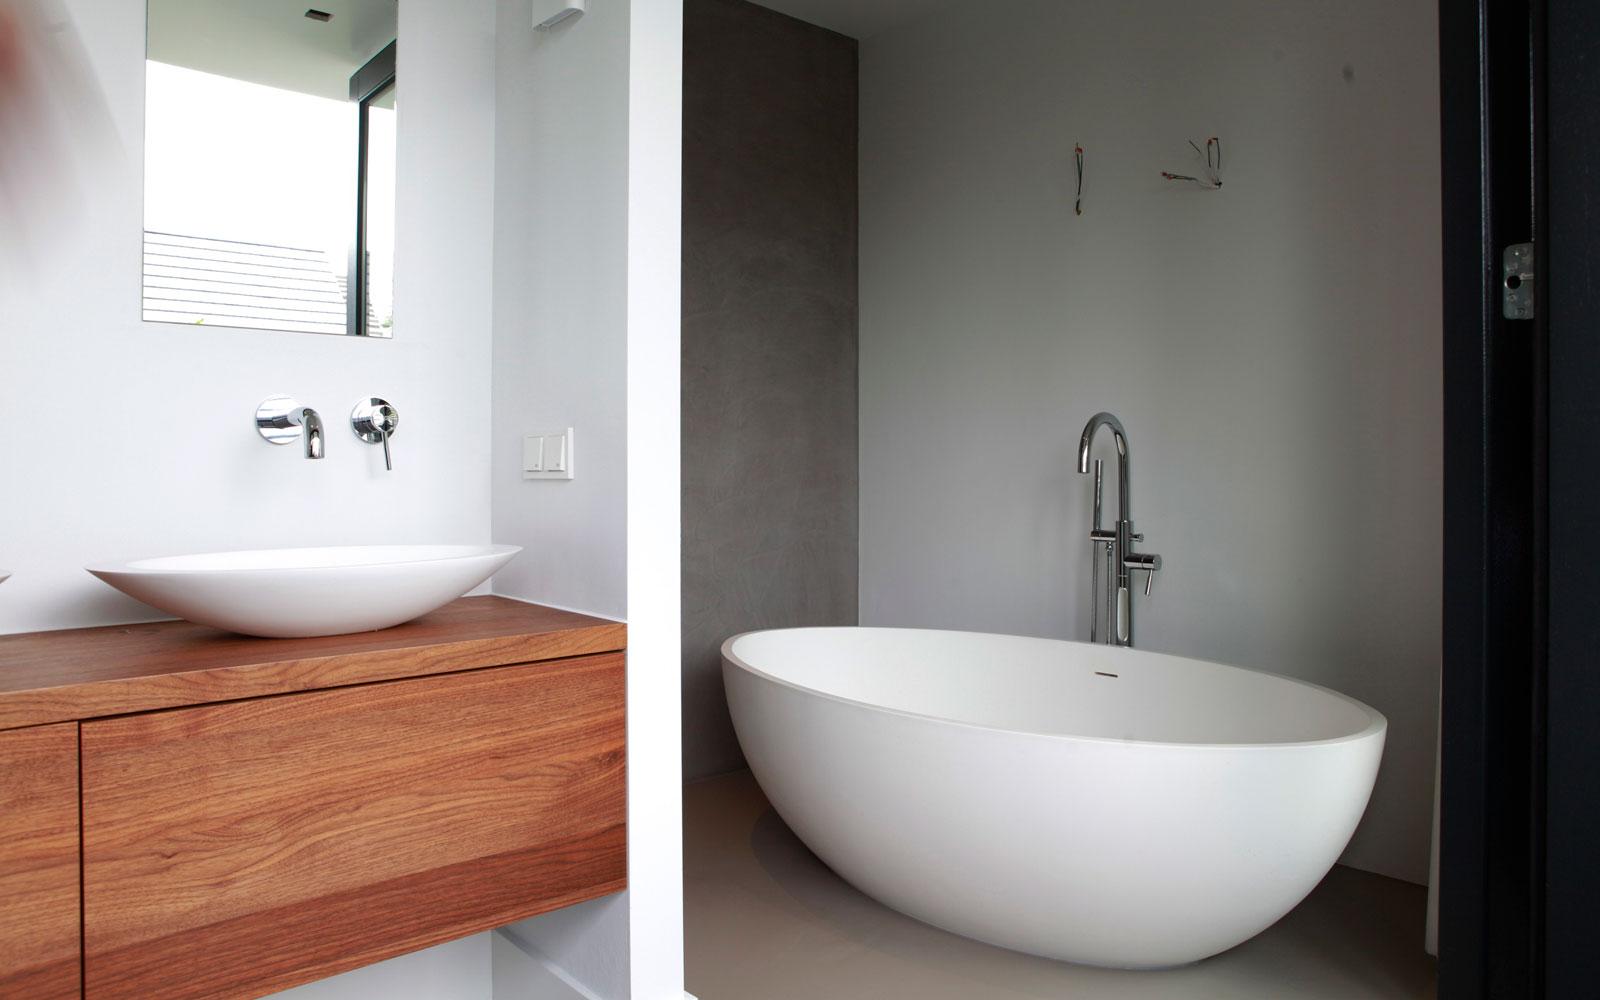 Badkamer, wastafel, vrijstaand bad, hout, natuurlijke materialen, sanitair, minimalistisch, tijdloos, Marco van Veldhuizen